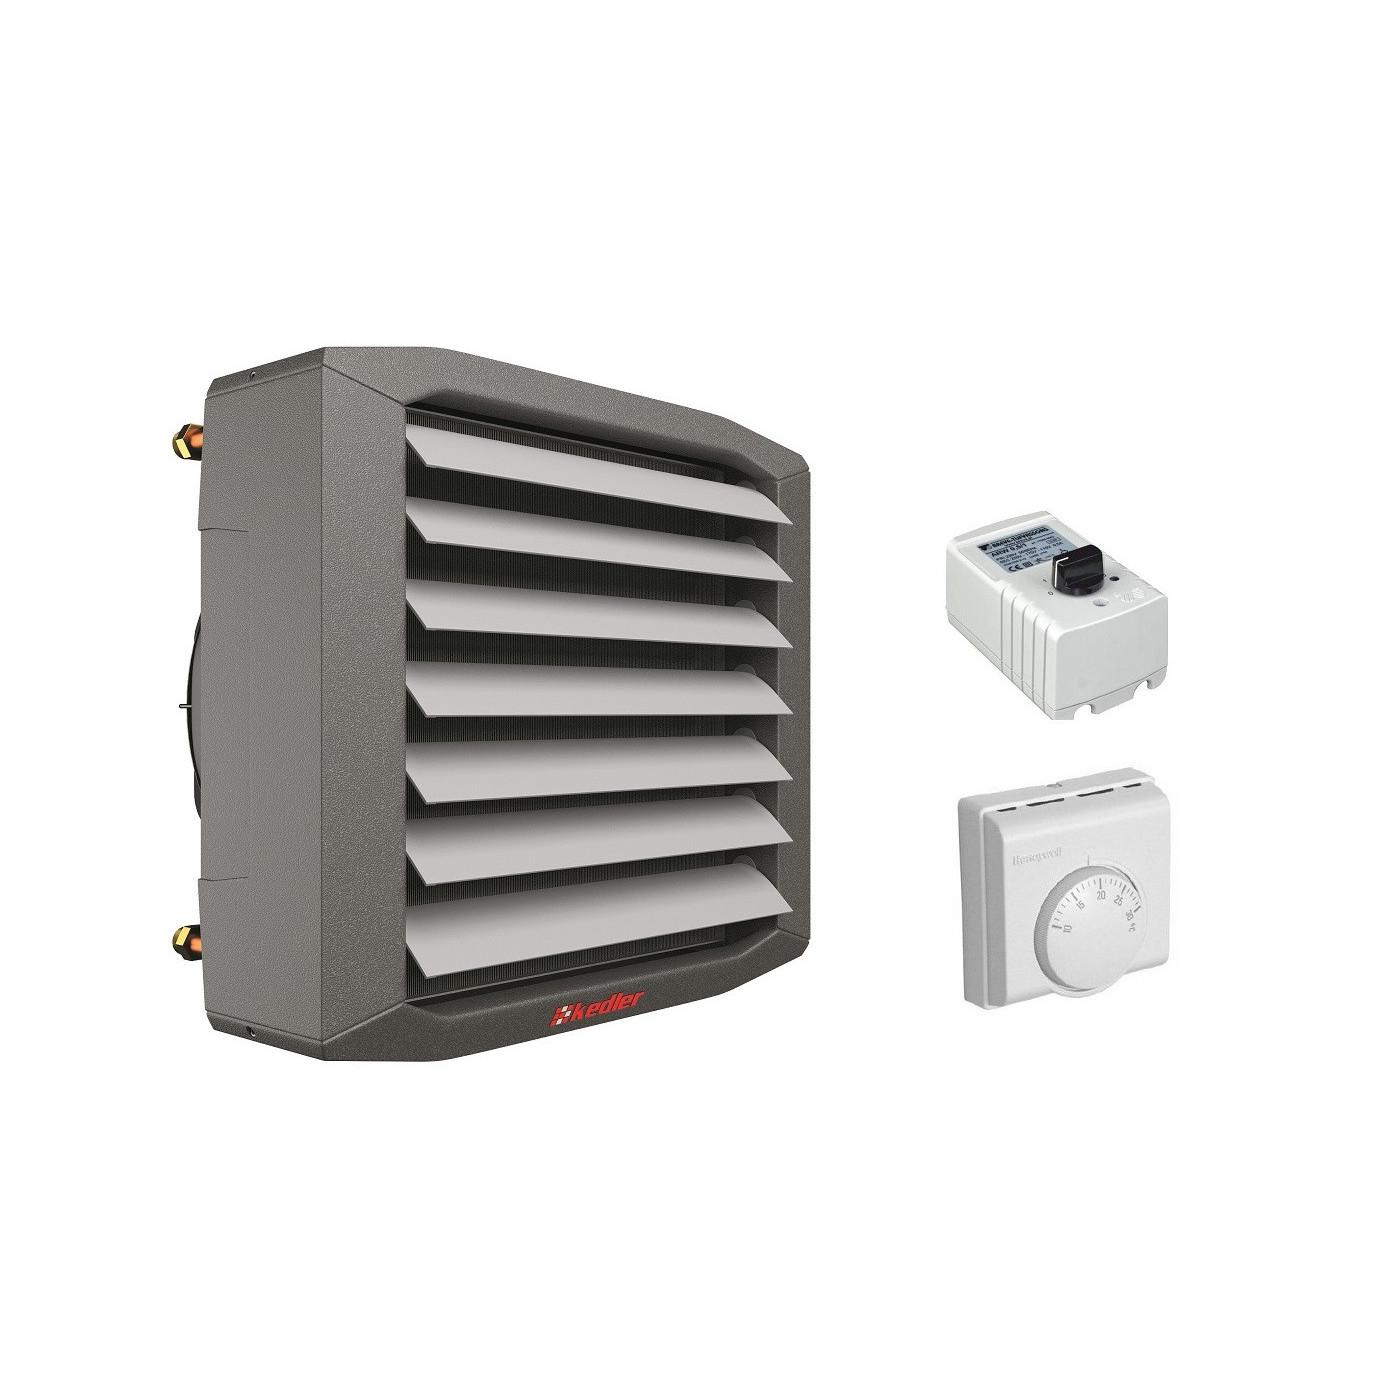 Lufterhitzer 10 kW Montagekonsolle Drezahlsteller Raumthermostat Hallenheizung Luftheizer